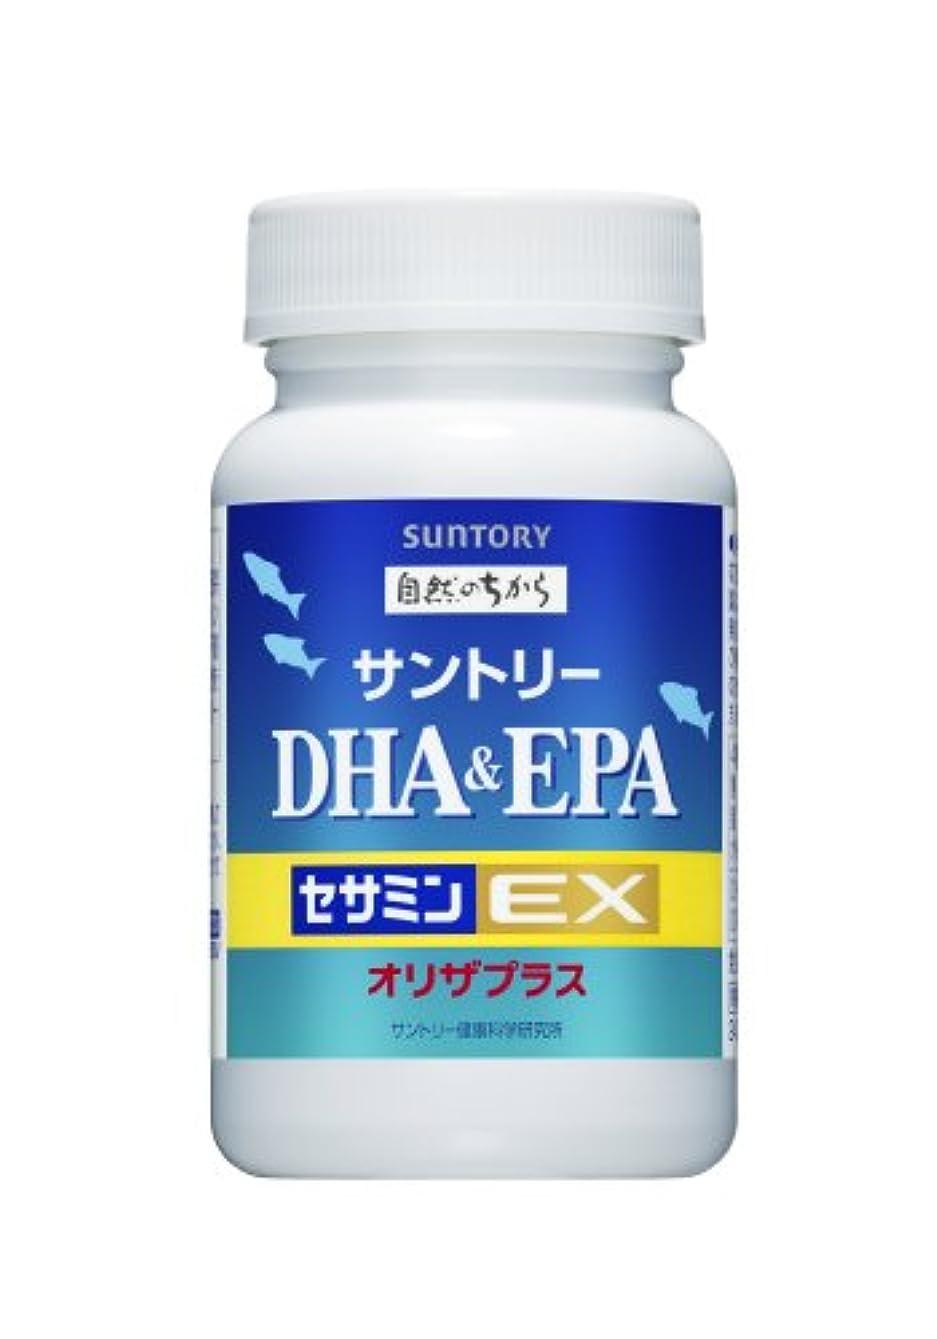 キルス最小化するグローサントリー DHA&EPA+セサミンEX 240粒